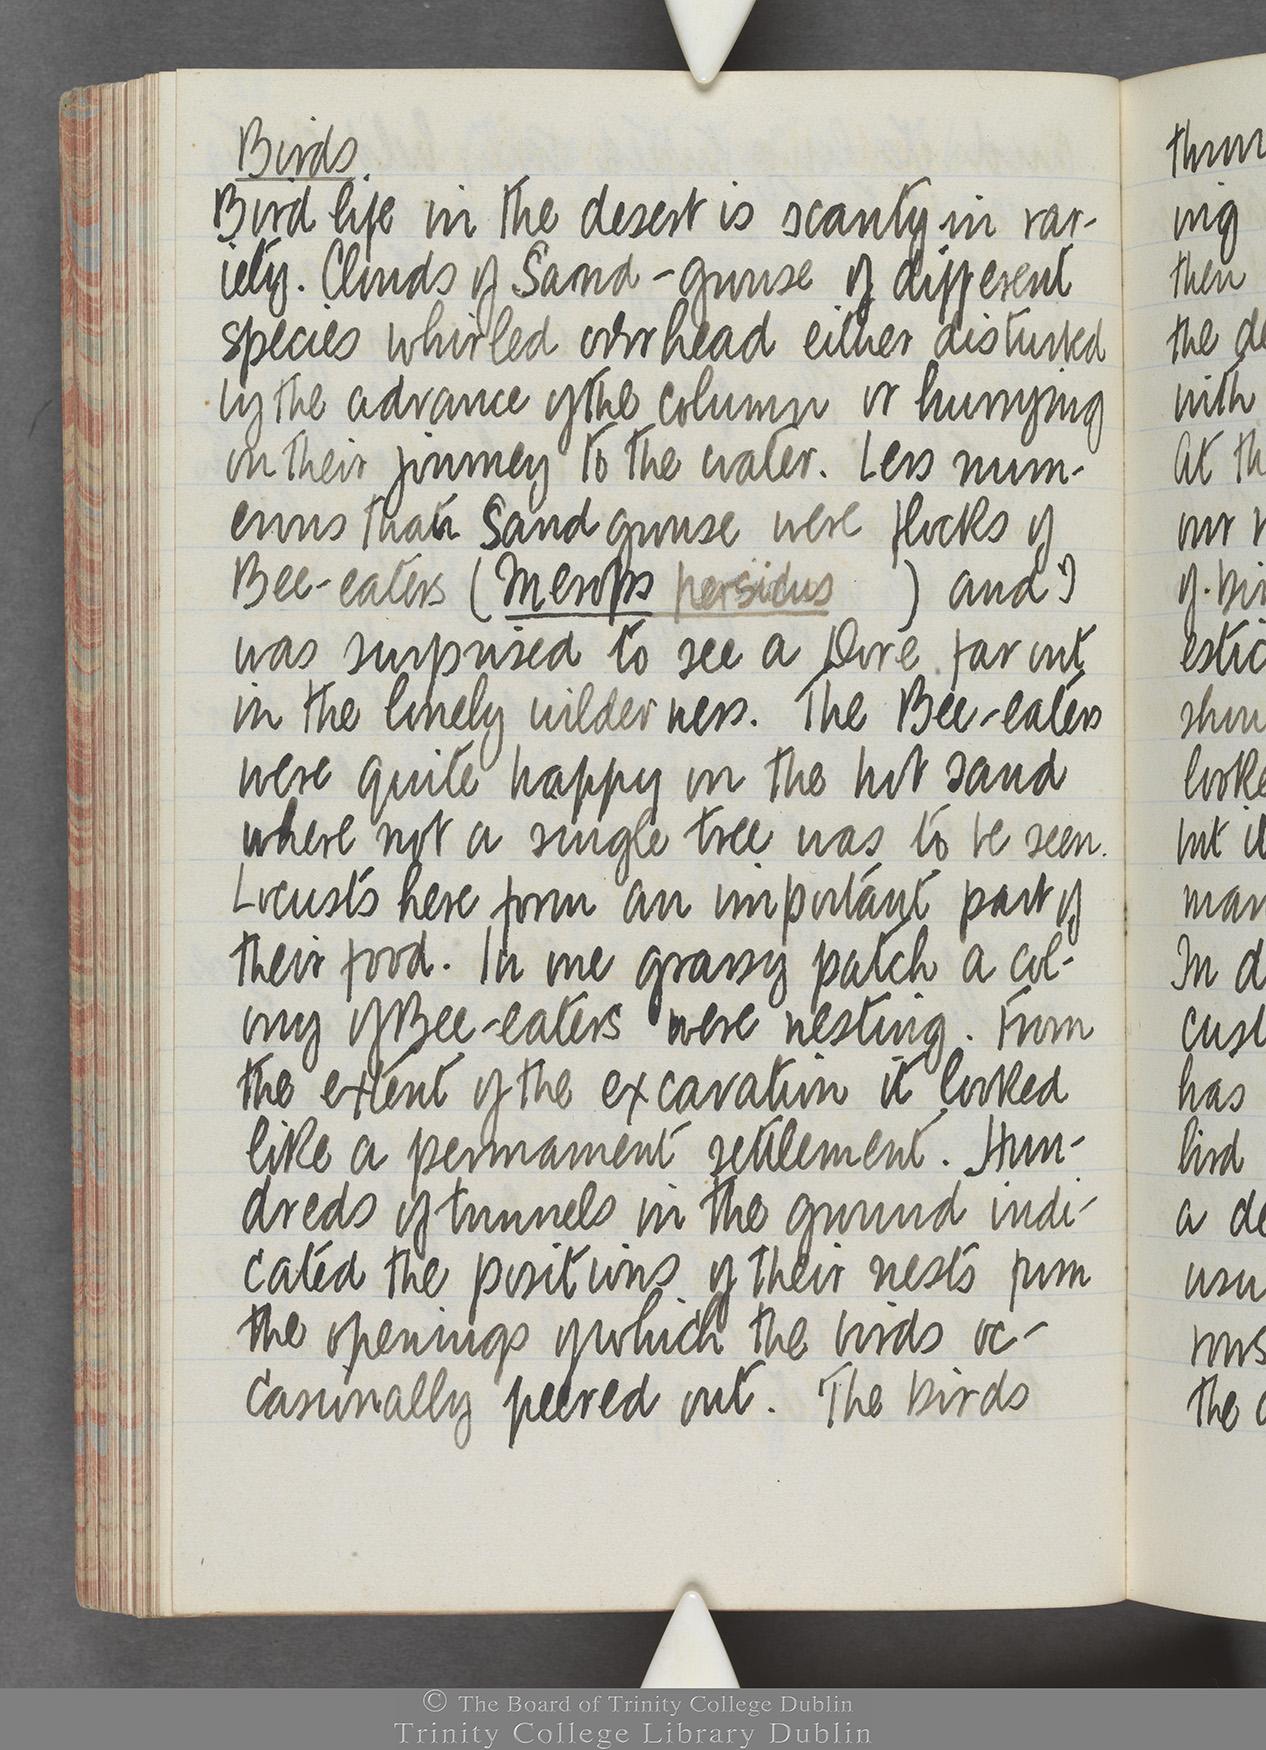 TCD MS 10515 folio 82 verso